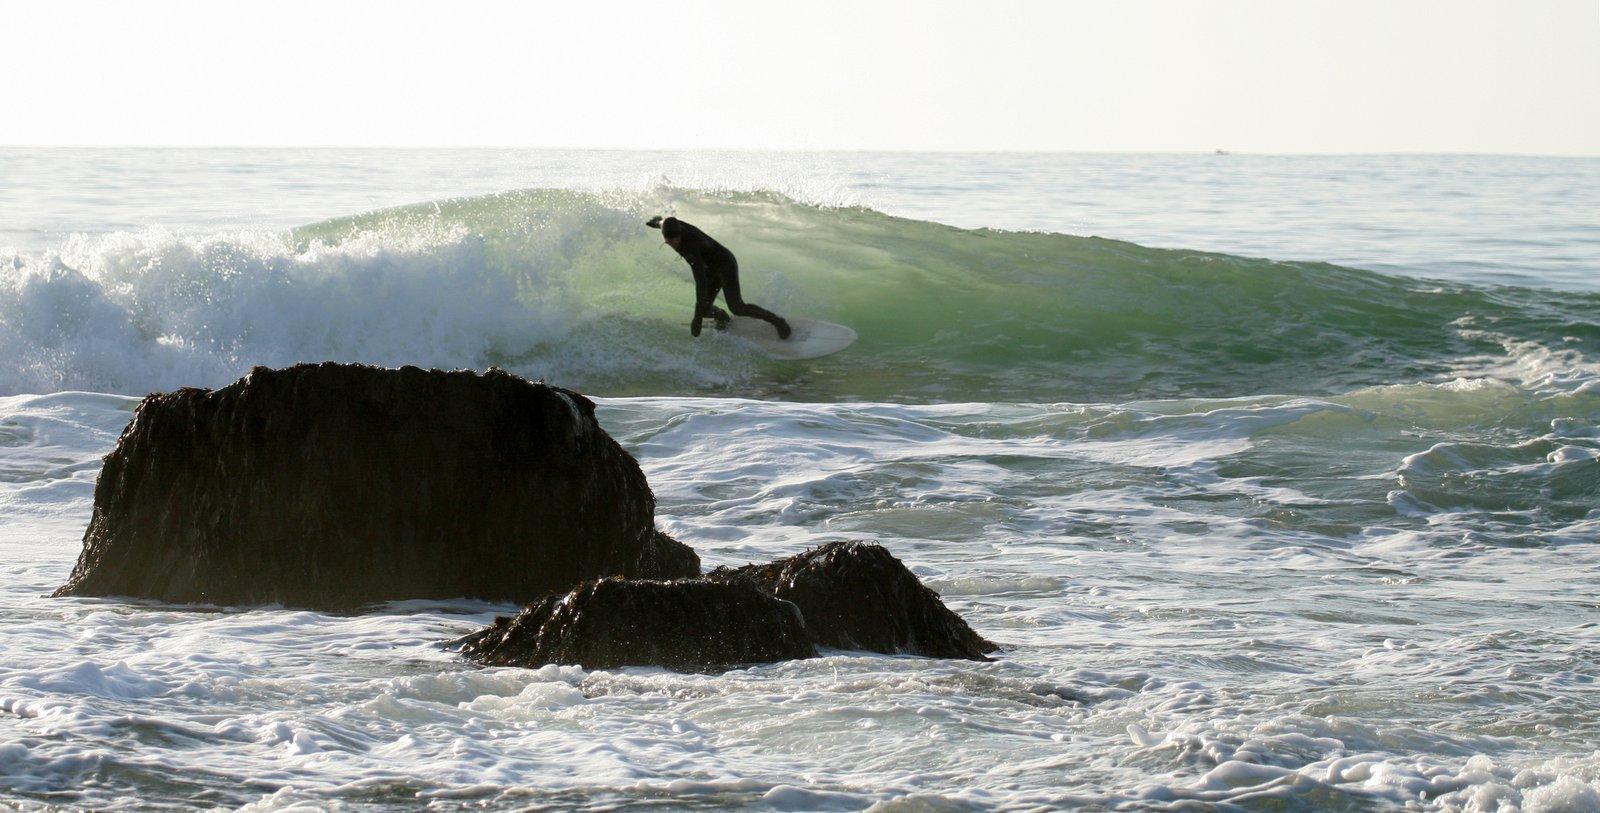 New found surf